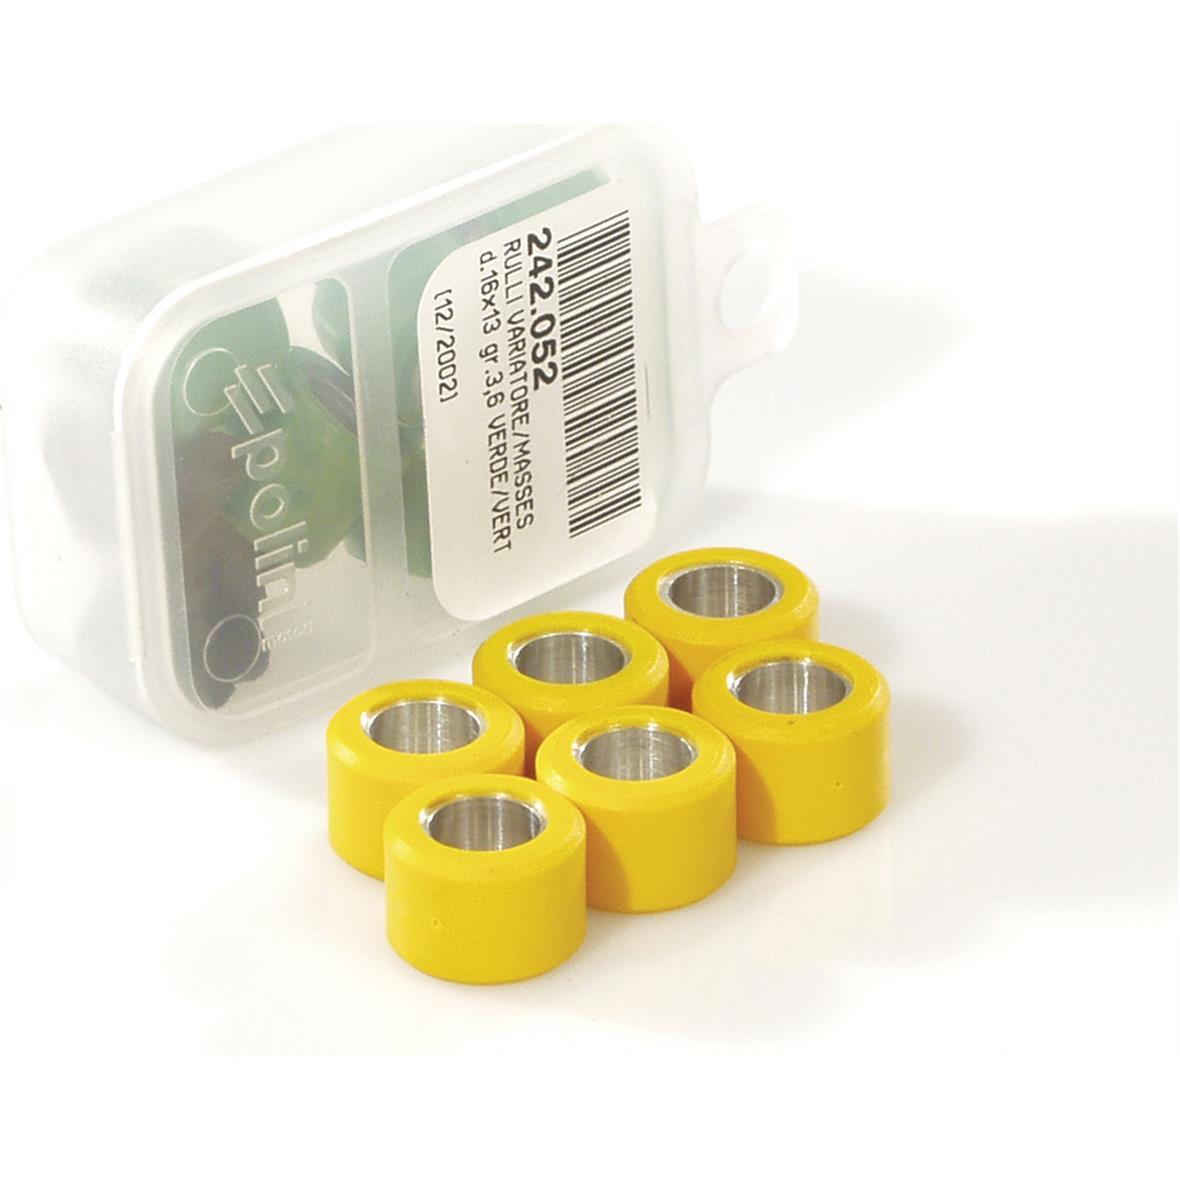 Εικόνα προϊόντος για 'Ράουλα Βαριατόρ POLINI 15x12 mm 5,5 γραμμάριοTitle'